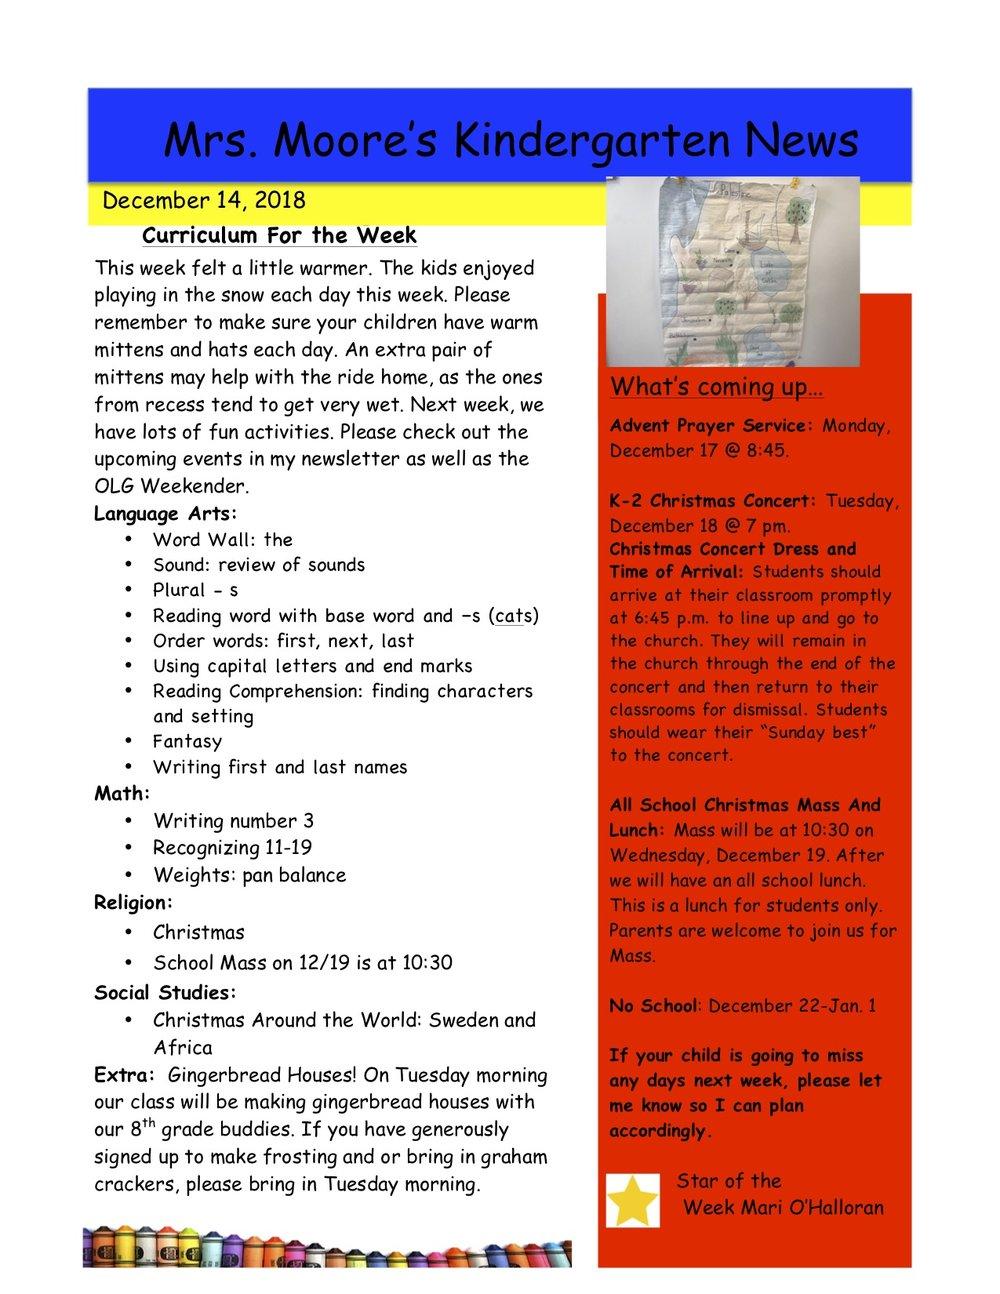 MOoreNewsletter Week 12-14-18.jpg